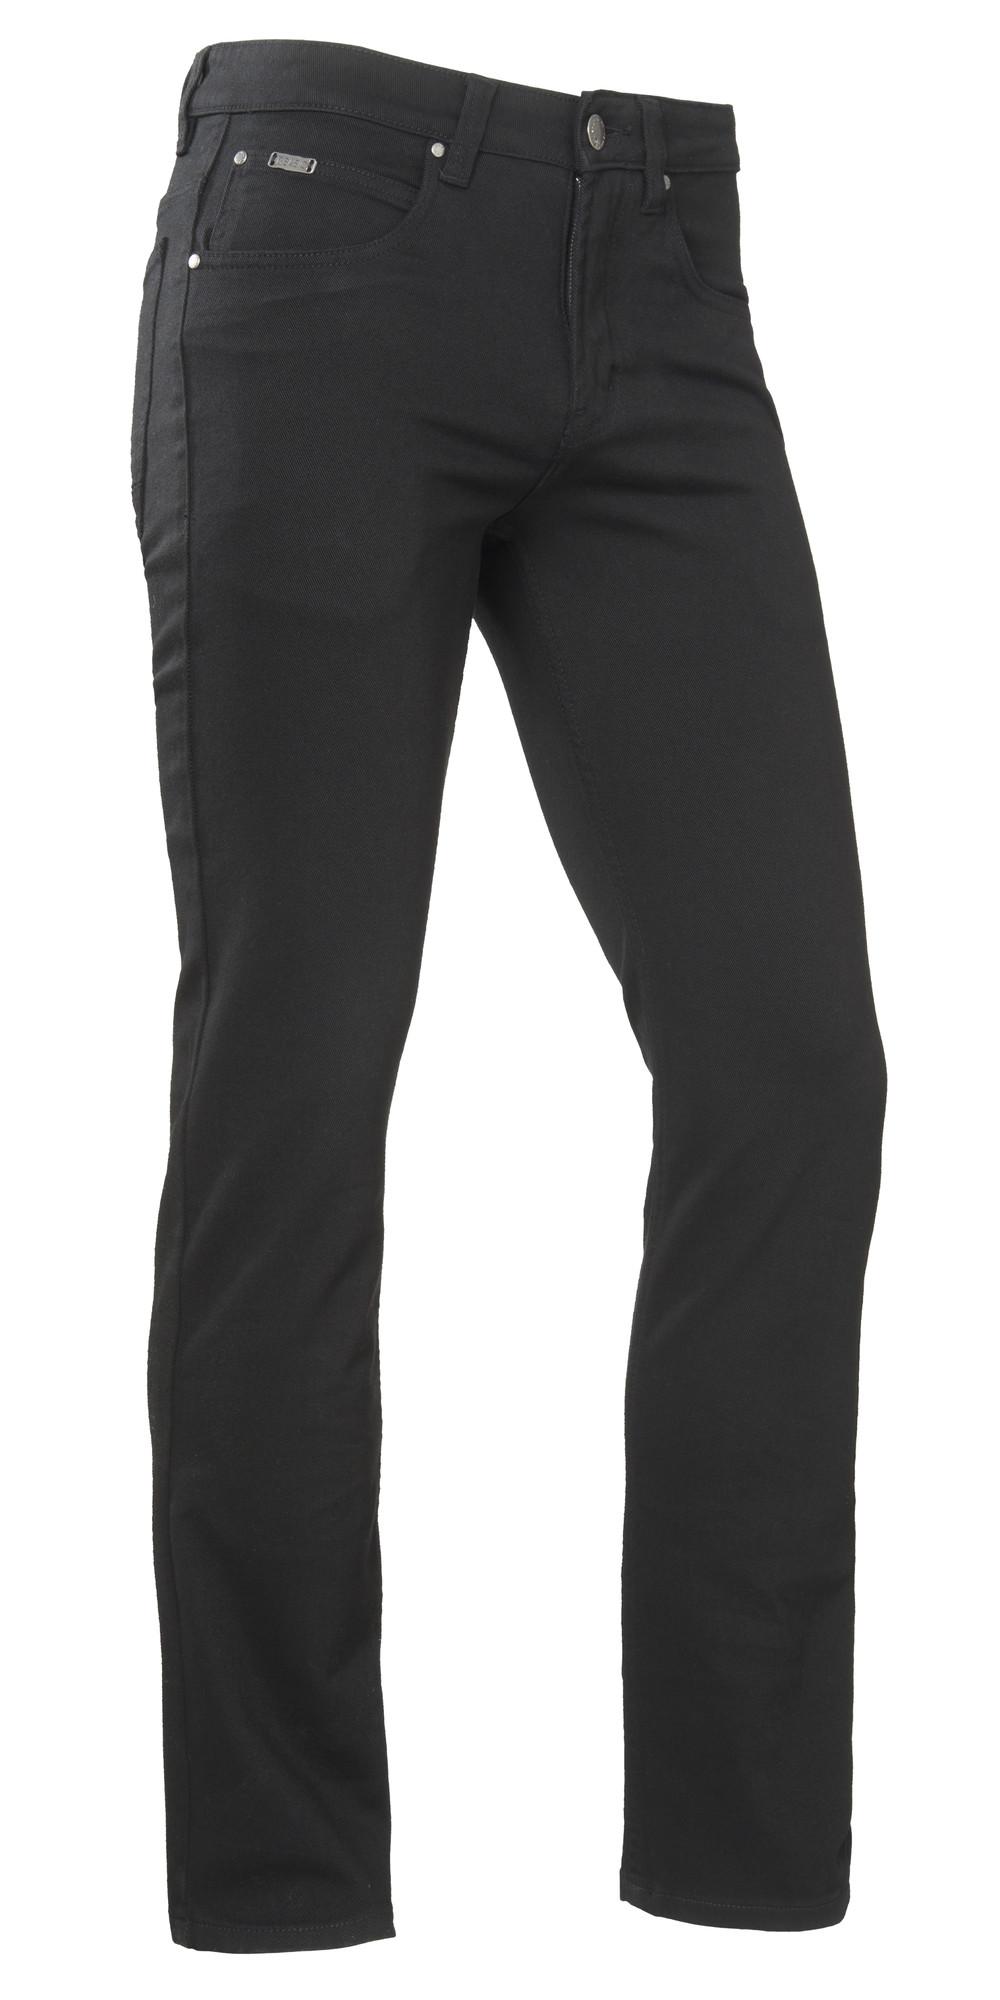 Brams Paris Danny Jeans Stretch (D51 Black Twill) W32-L30